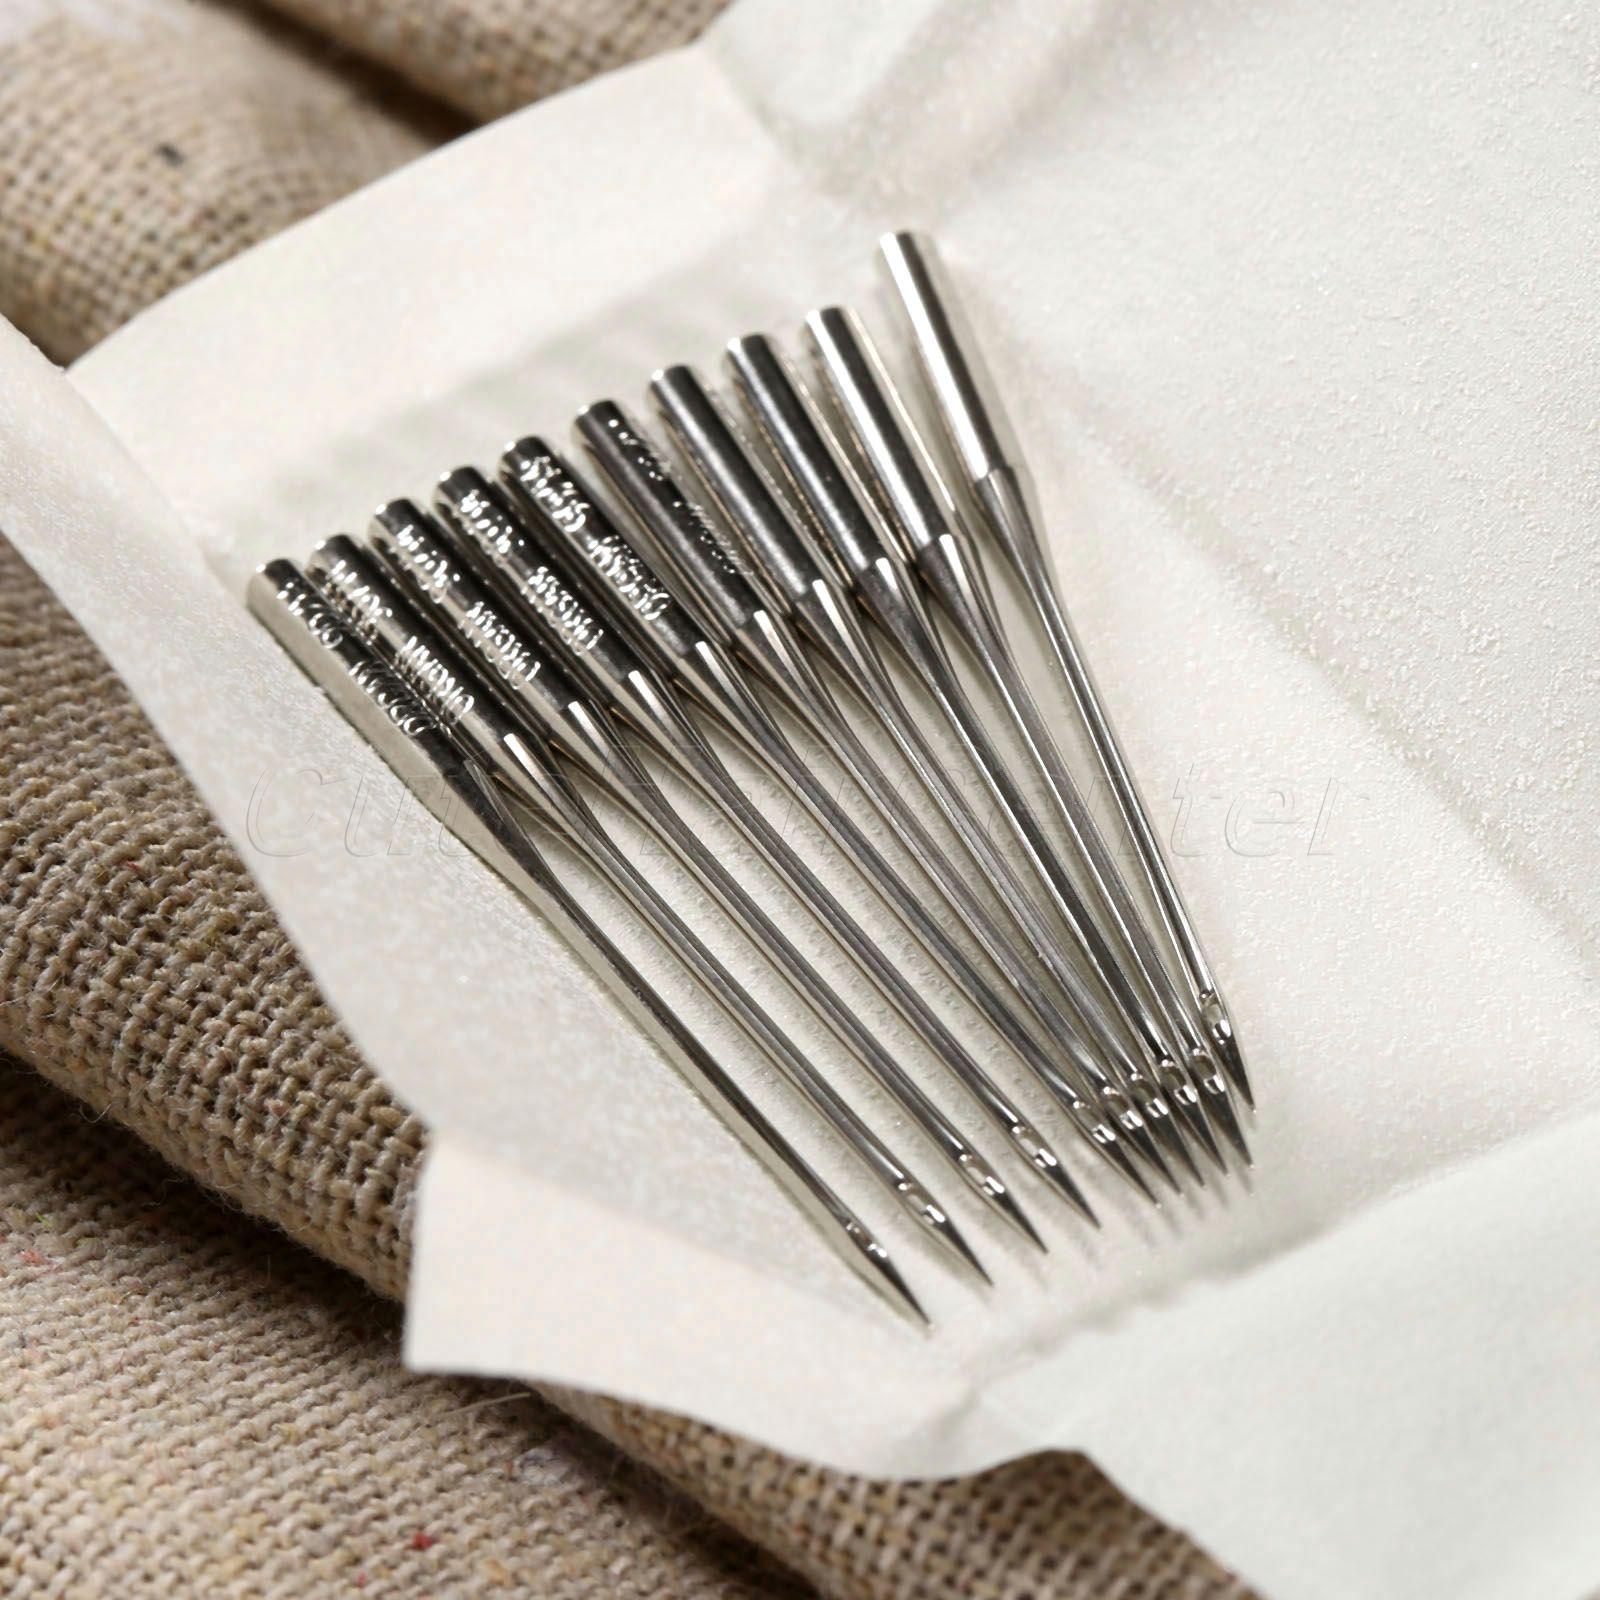 Venda quente 1 Conjunto Total de 50 Agulha De Costura TAMANHO #9 11 14 16 18 Casa Máquina De Costura Agulhas